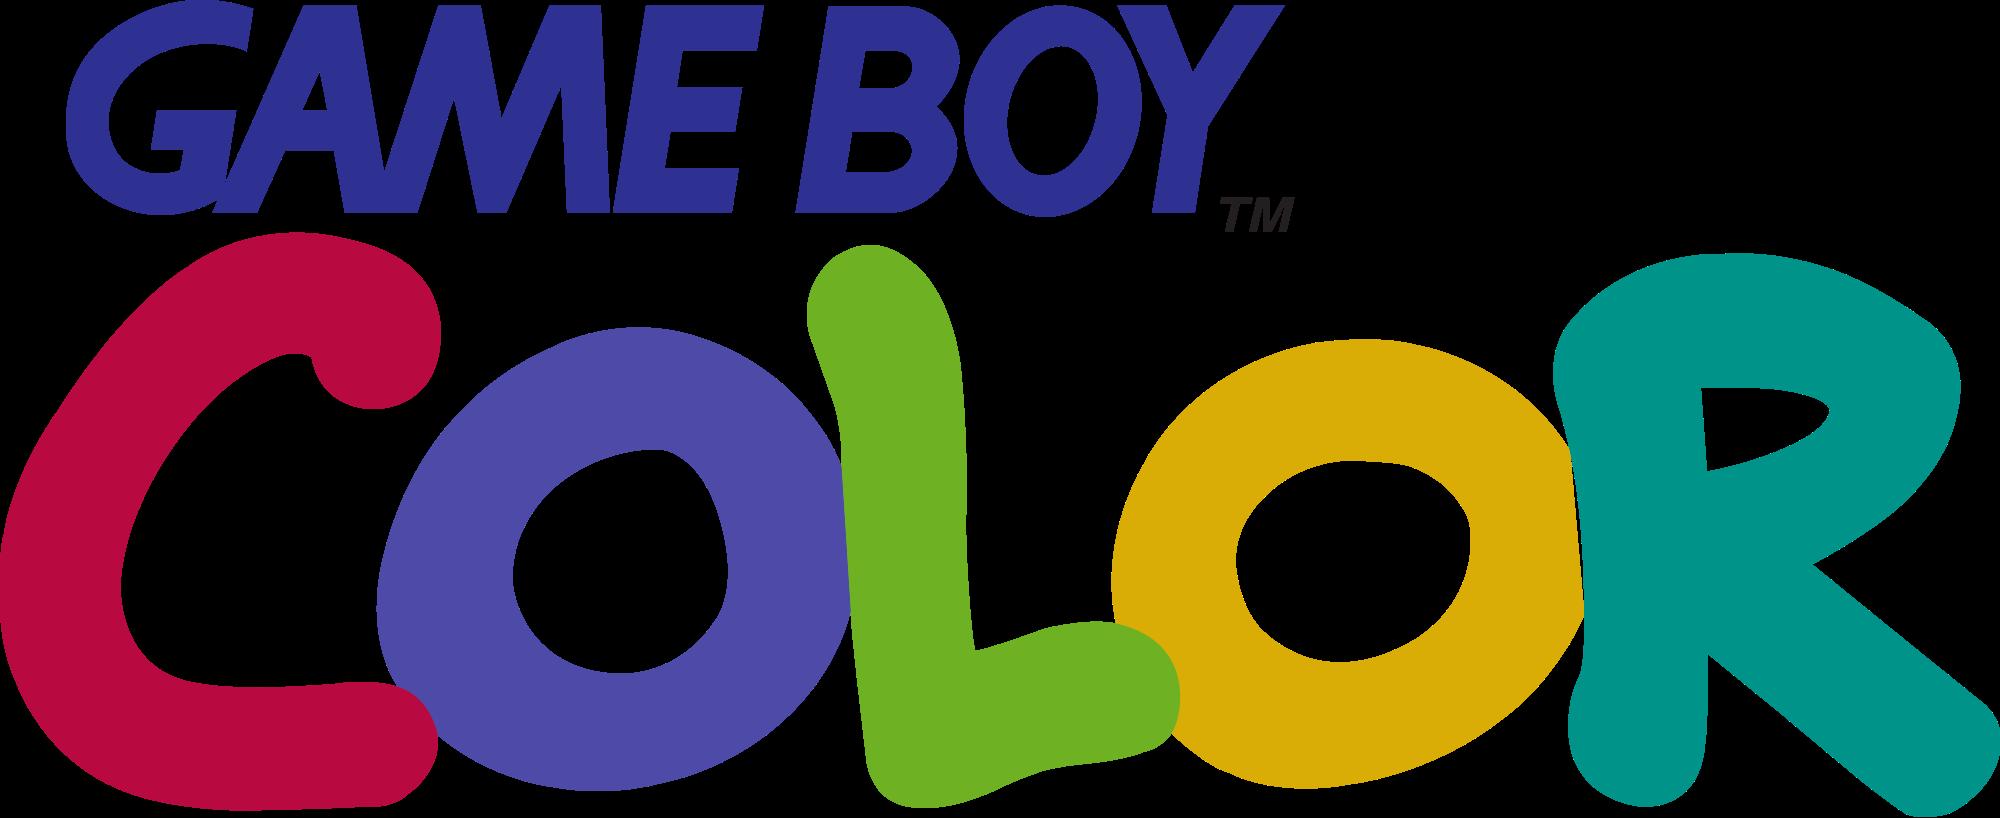 Image result for gameboy logo.